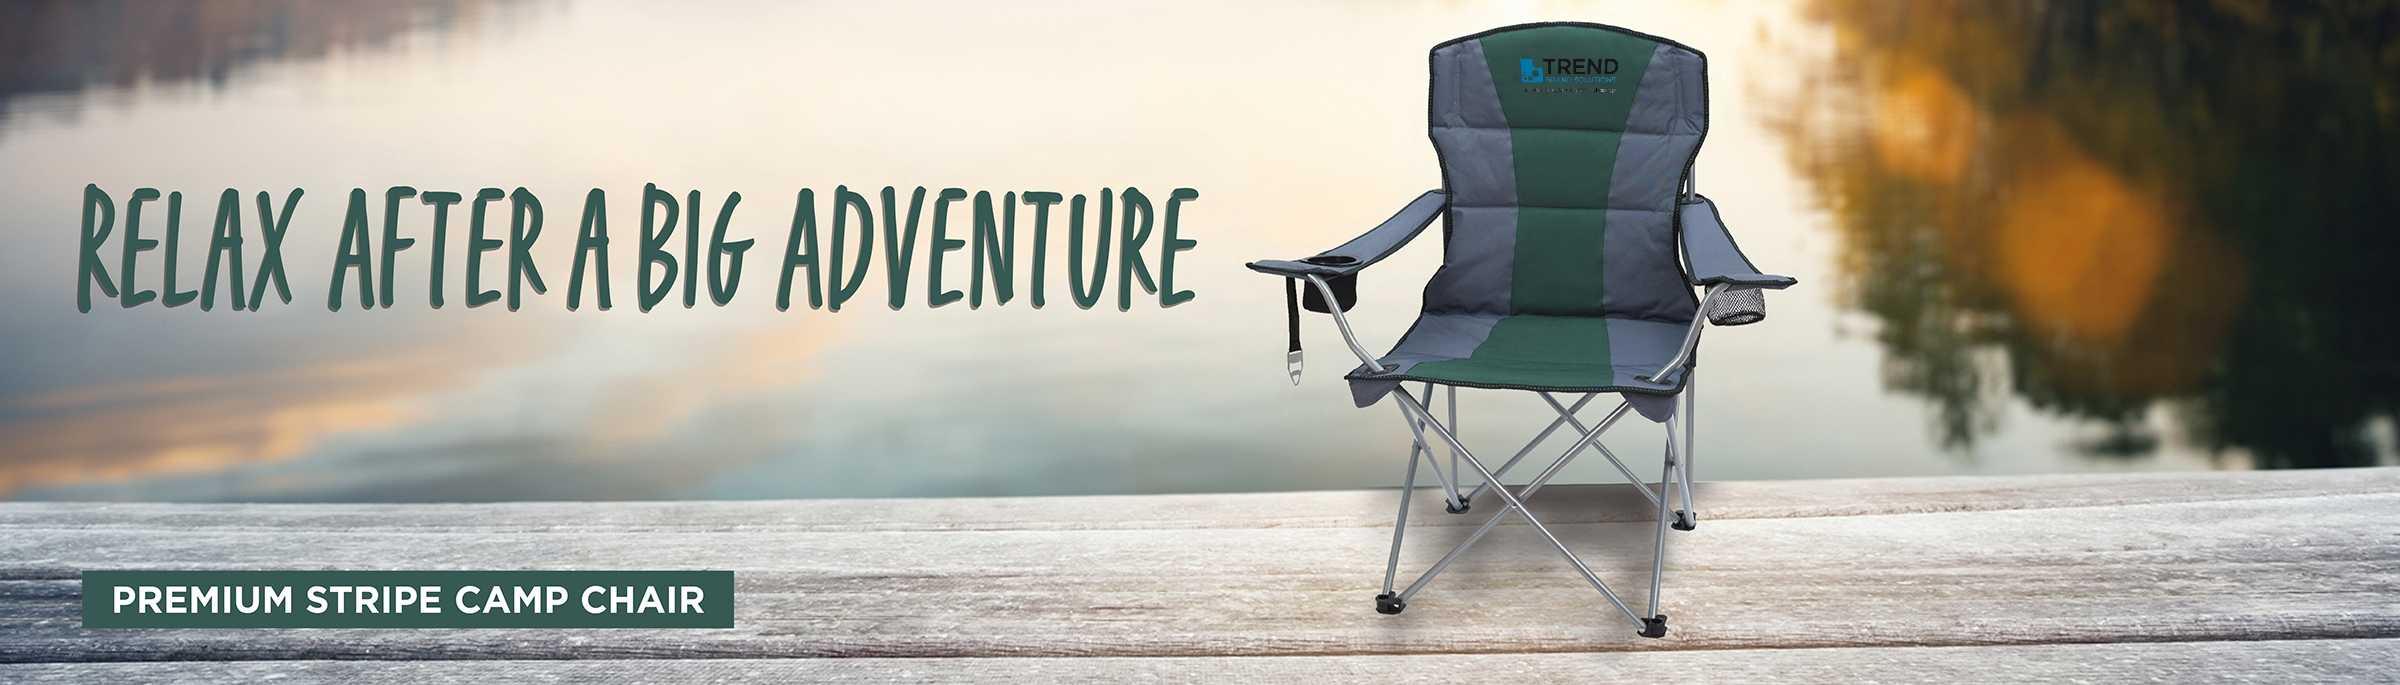 Premium Stripe Camp Chair AIM